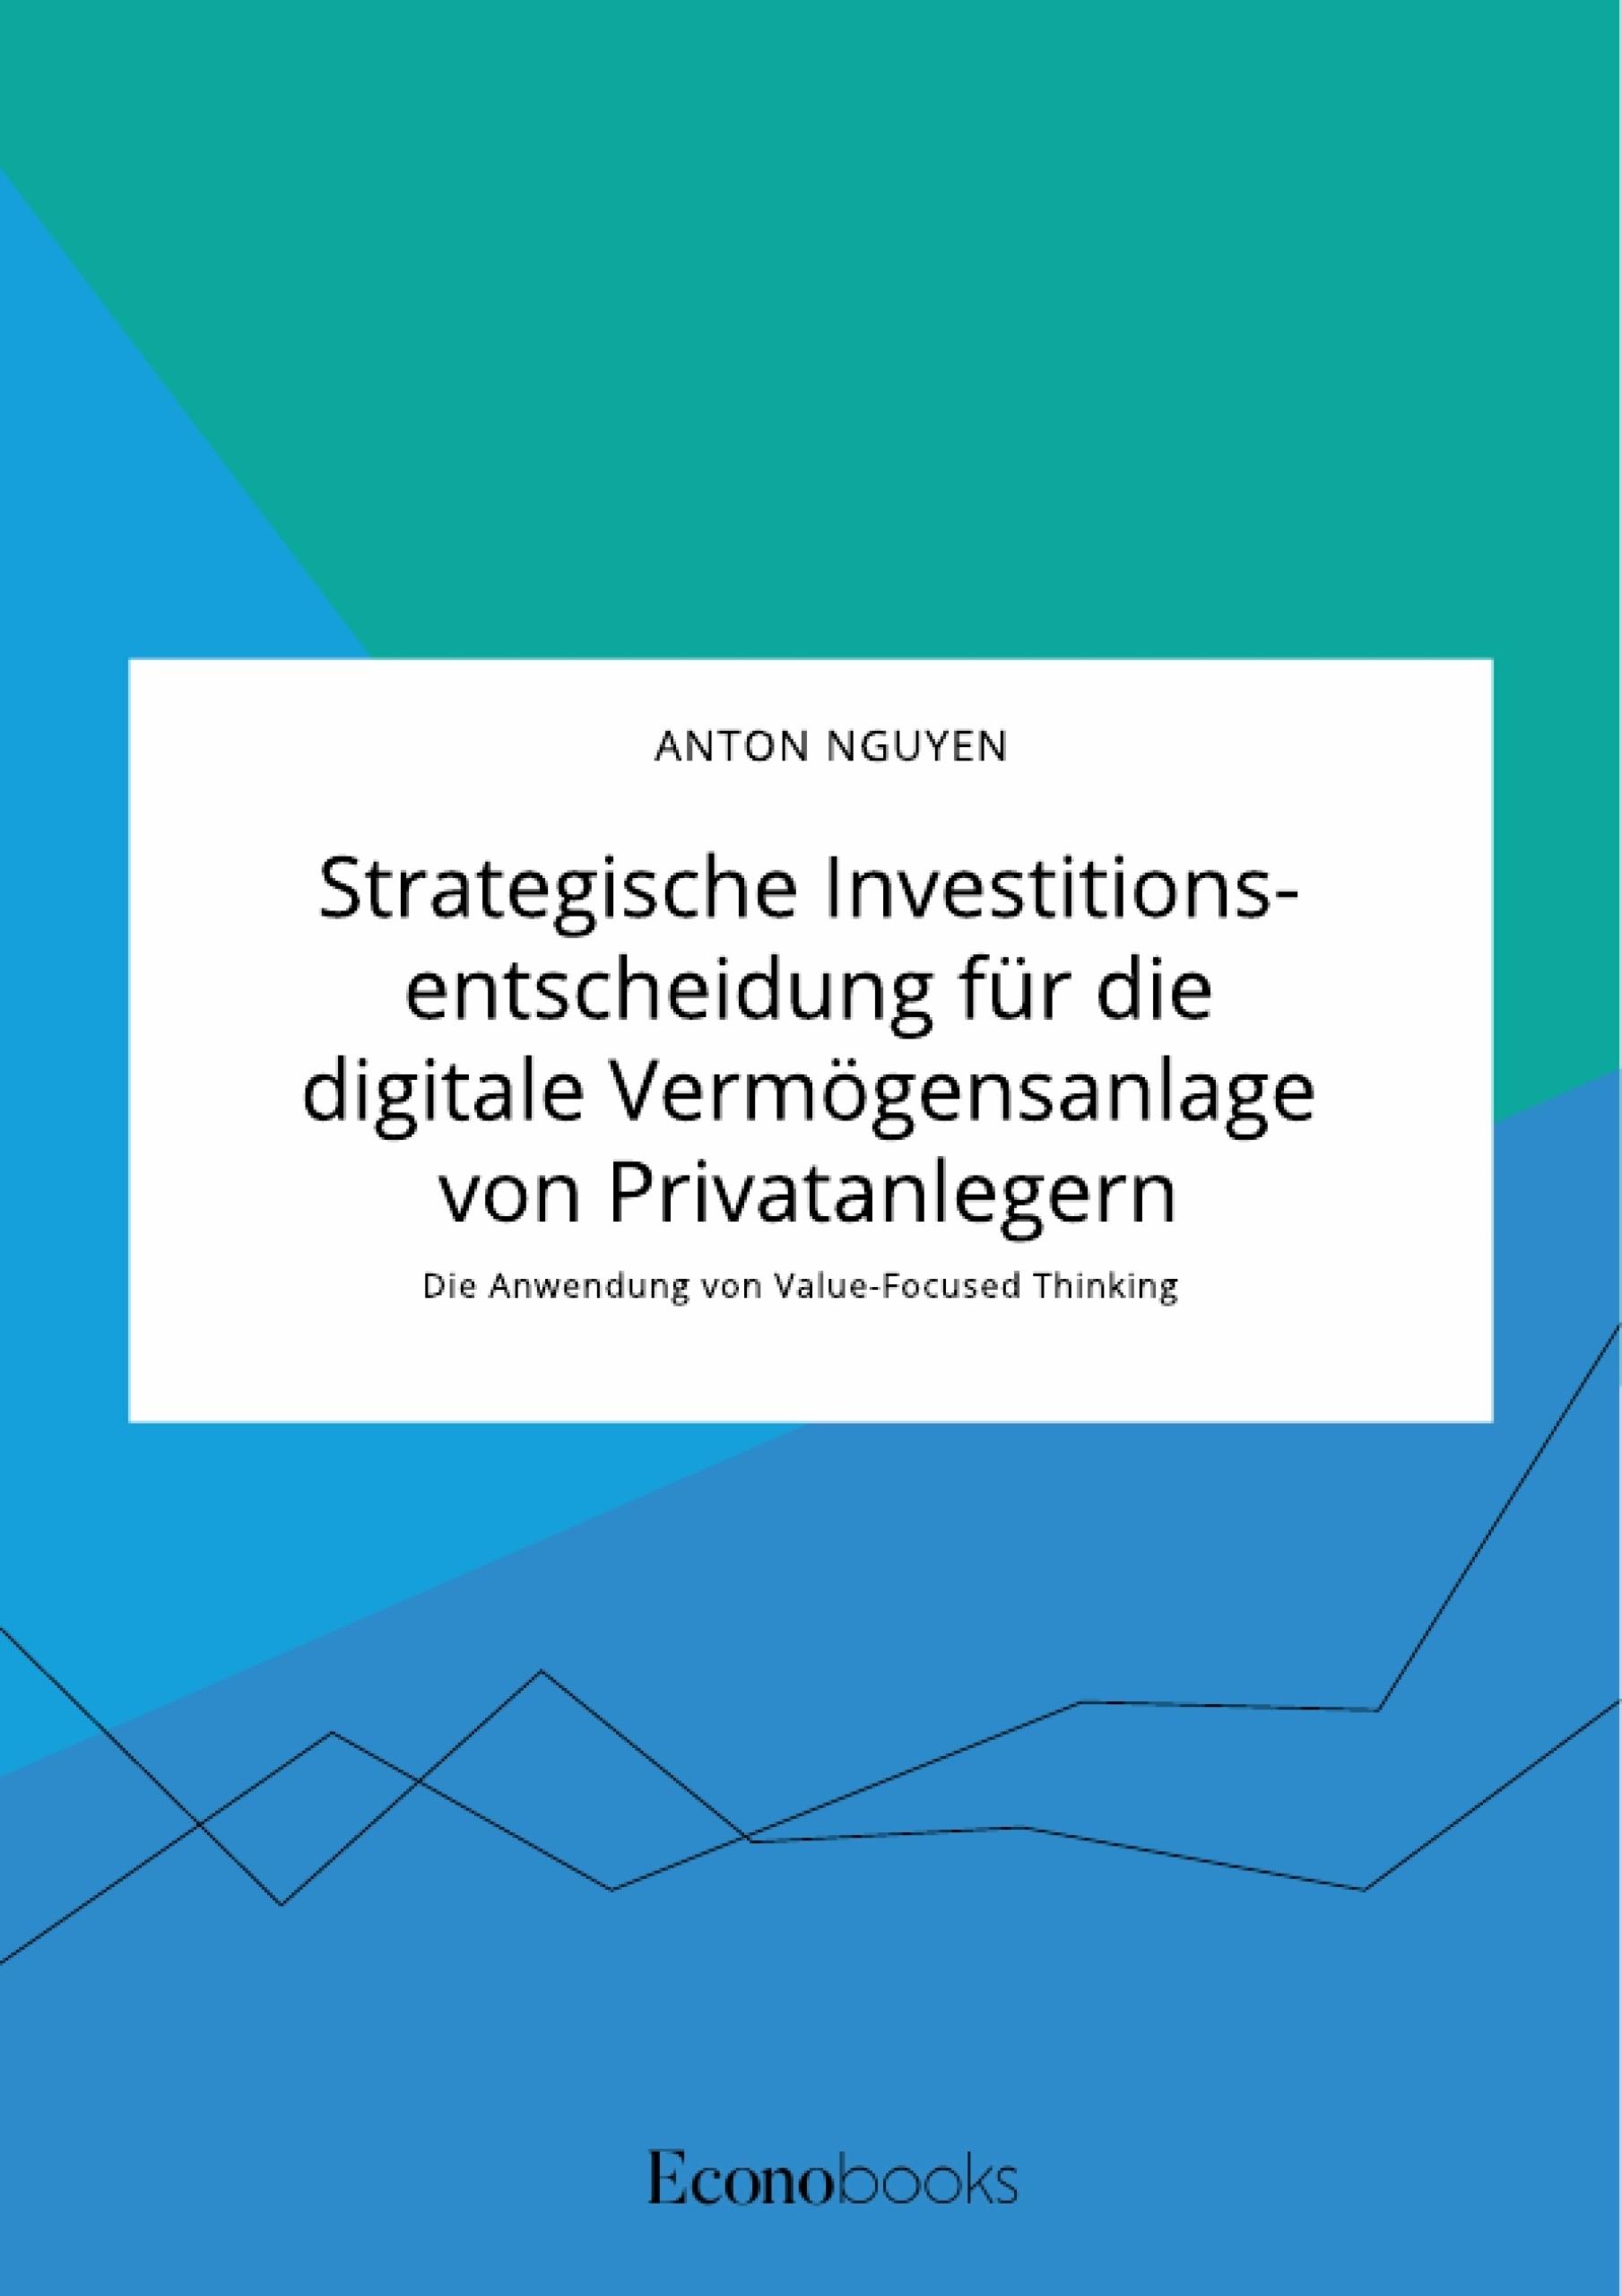 Titel: Strategische Investitionsentscheidung für die digitale Vermögensanlage von Privatanlegern. Die Anwendung von Value-Focused Thinking